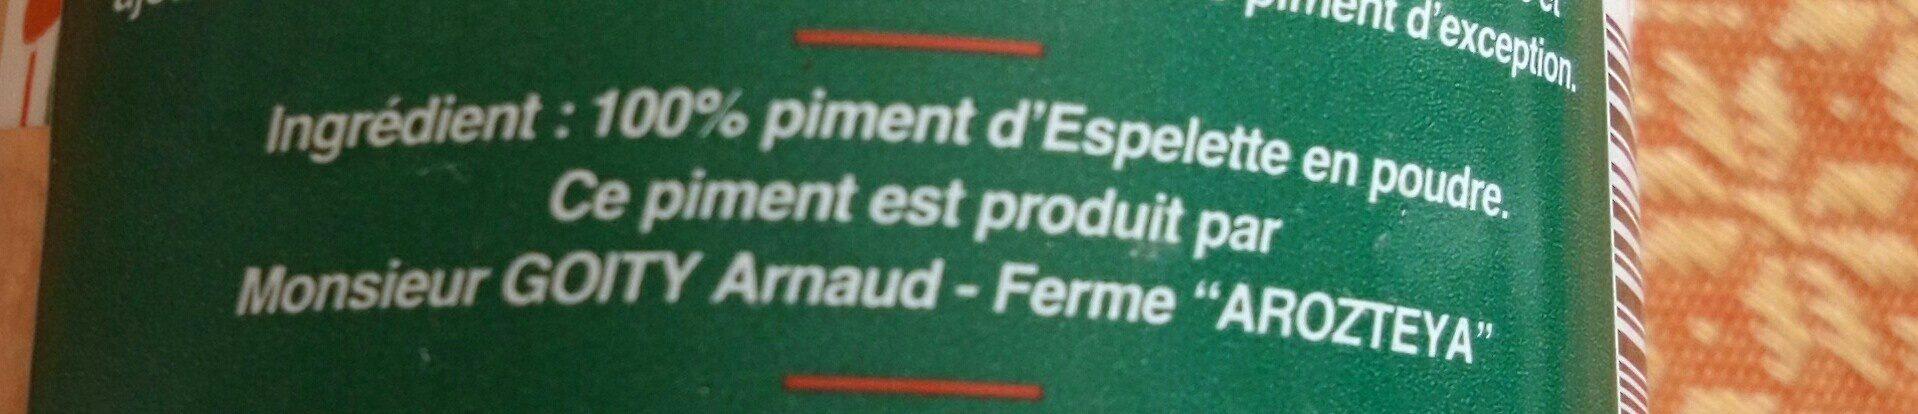 Piment D'espelette En Poudre, - Ingredients - fr